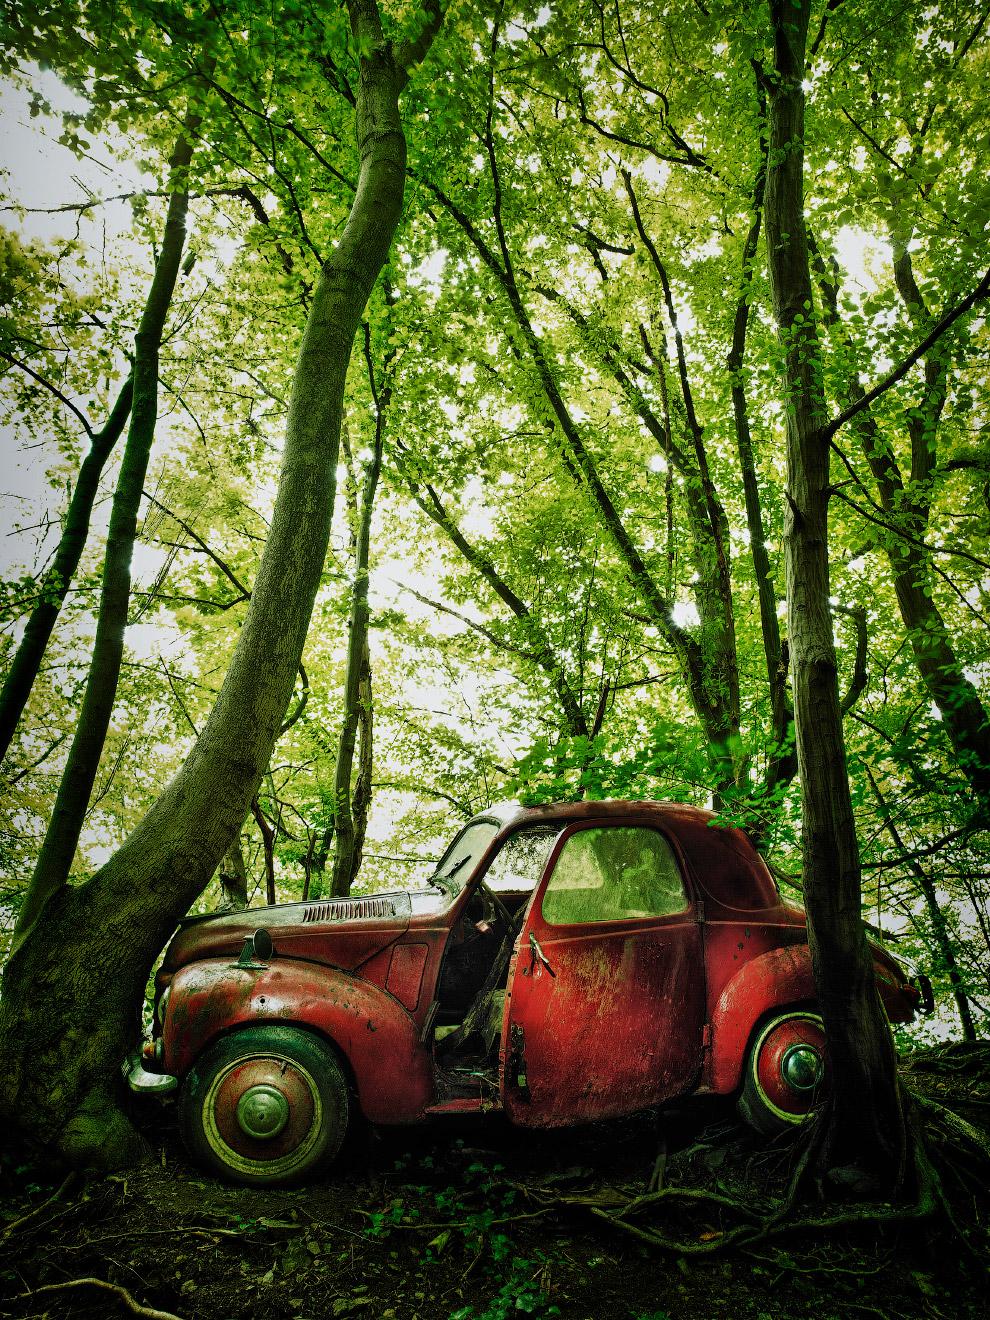 Ржавый красный автомобиль, оставленный в лесу много-много лет назад